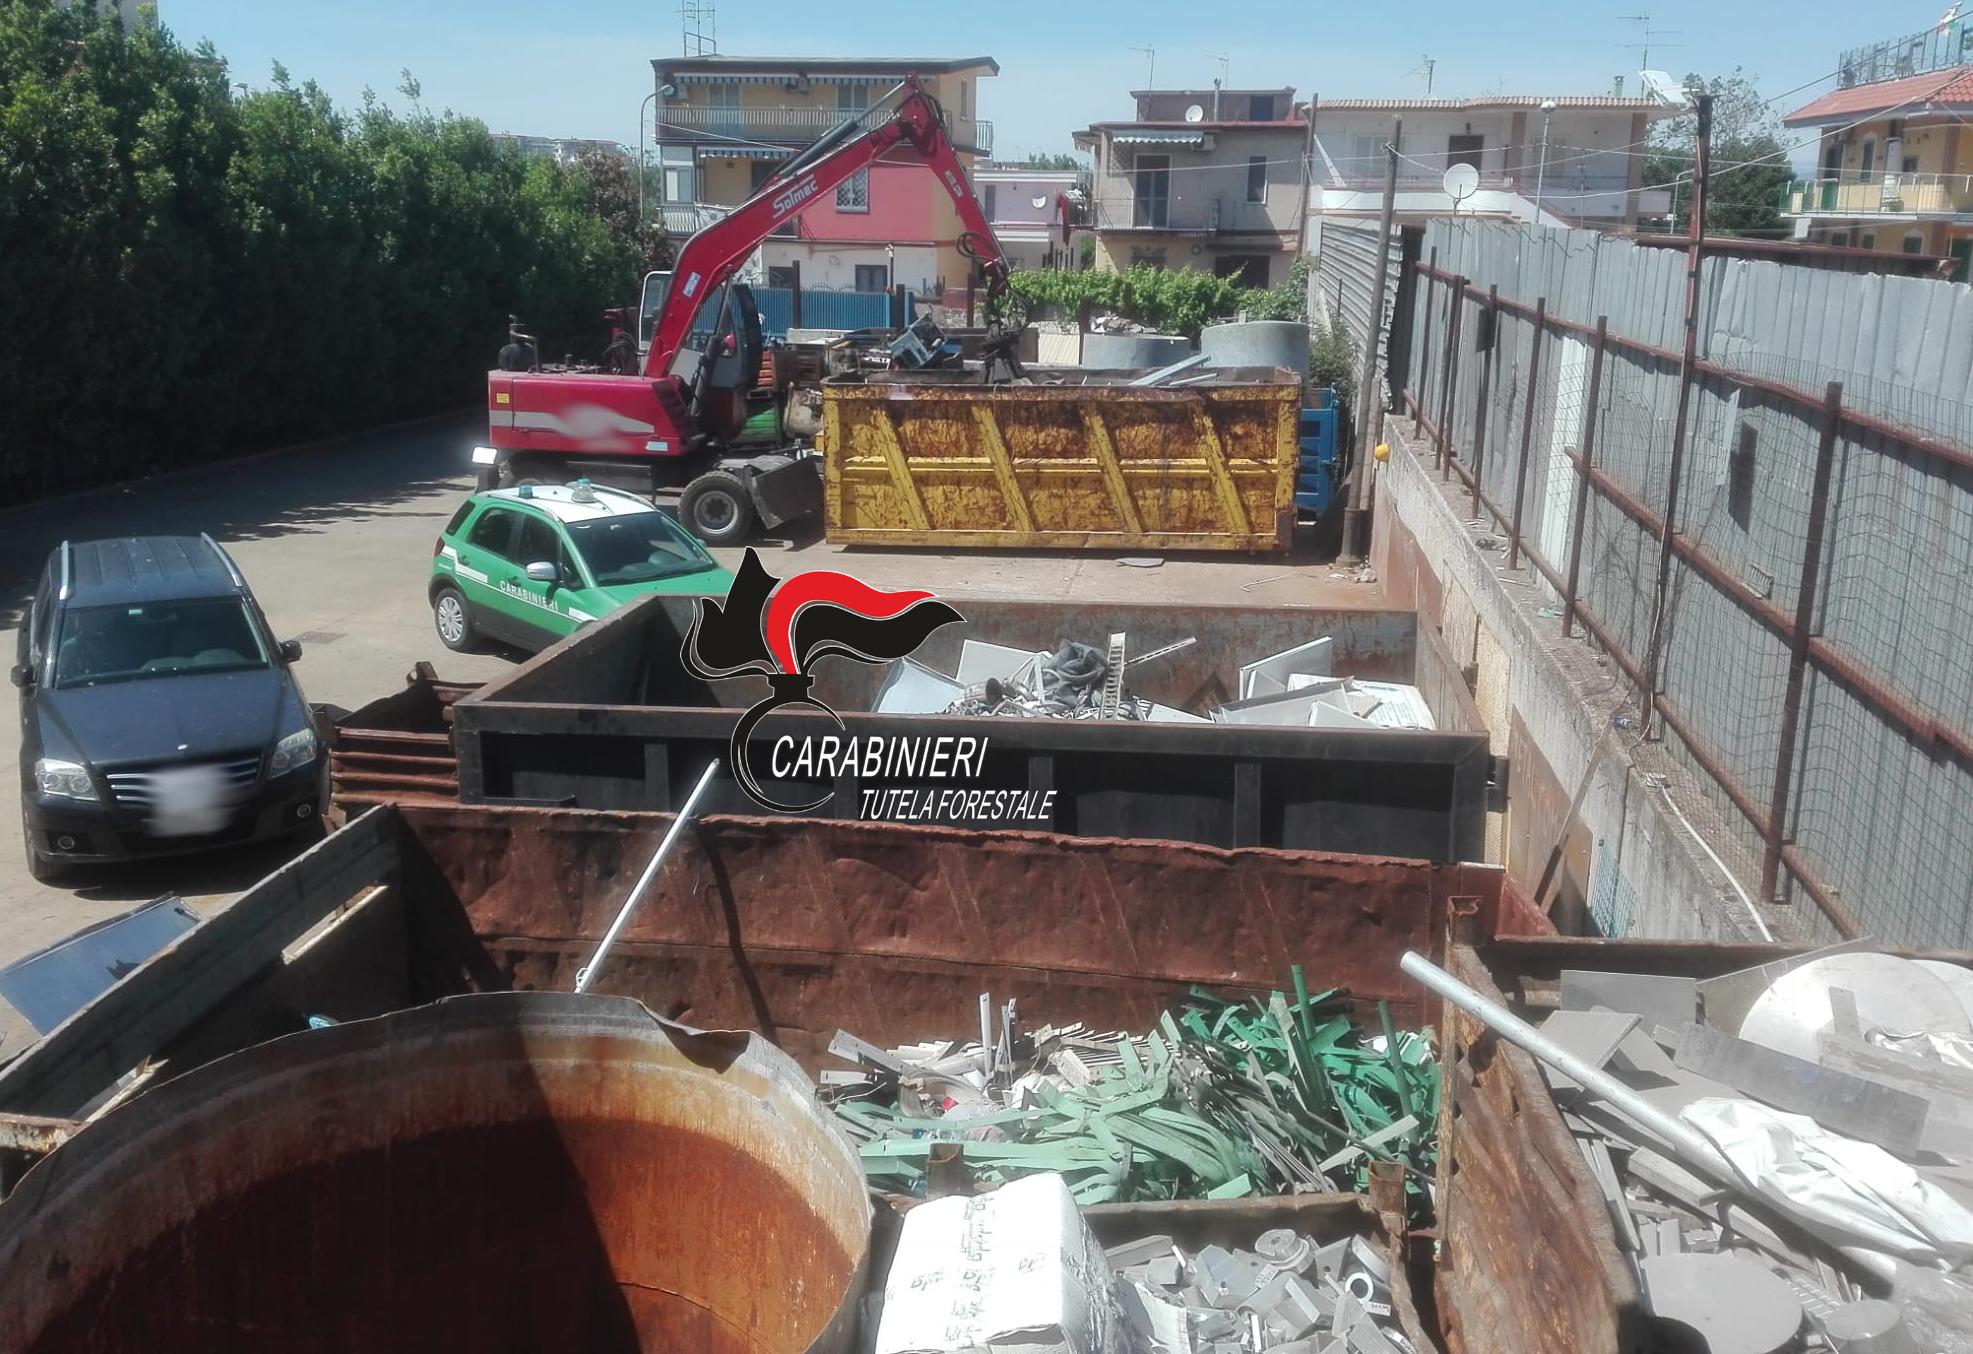 Via Romani Pomigliano D Arco smaltimento illecito di rifiuti, 3 denunce a pomigliano d'arco